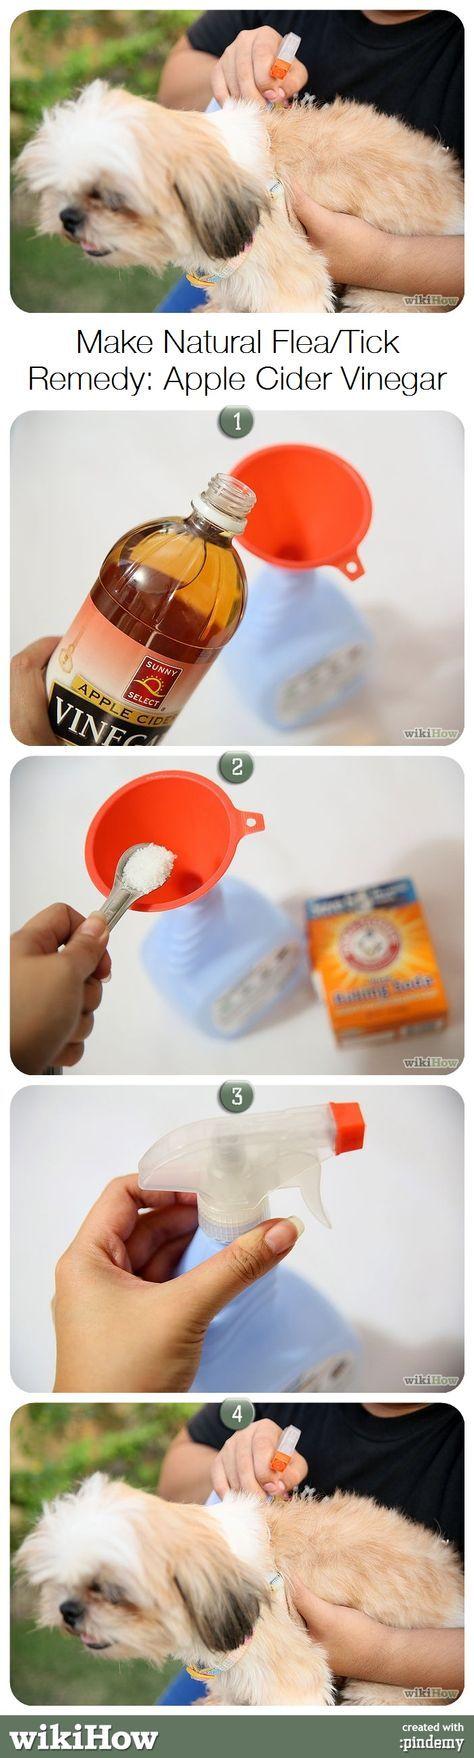 Sprej na blechy a klíšťata - 8 ounces - 1 šálek jablečného octa, 4 ounces- 1/2 šálku teplé vody, 1/2 lžičky soli a 1/2 lžičky sody. ocet, vodu, sůl a sodu dát do rozprašovače, opatrně protřepat a pouít jako sprej na blechy a klíšťata. Kolem očí jen opatrně vetřít rukou.